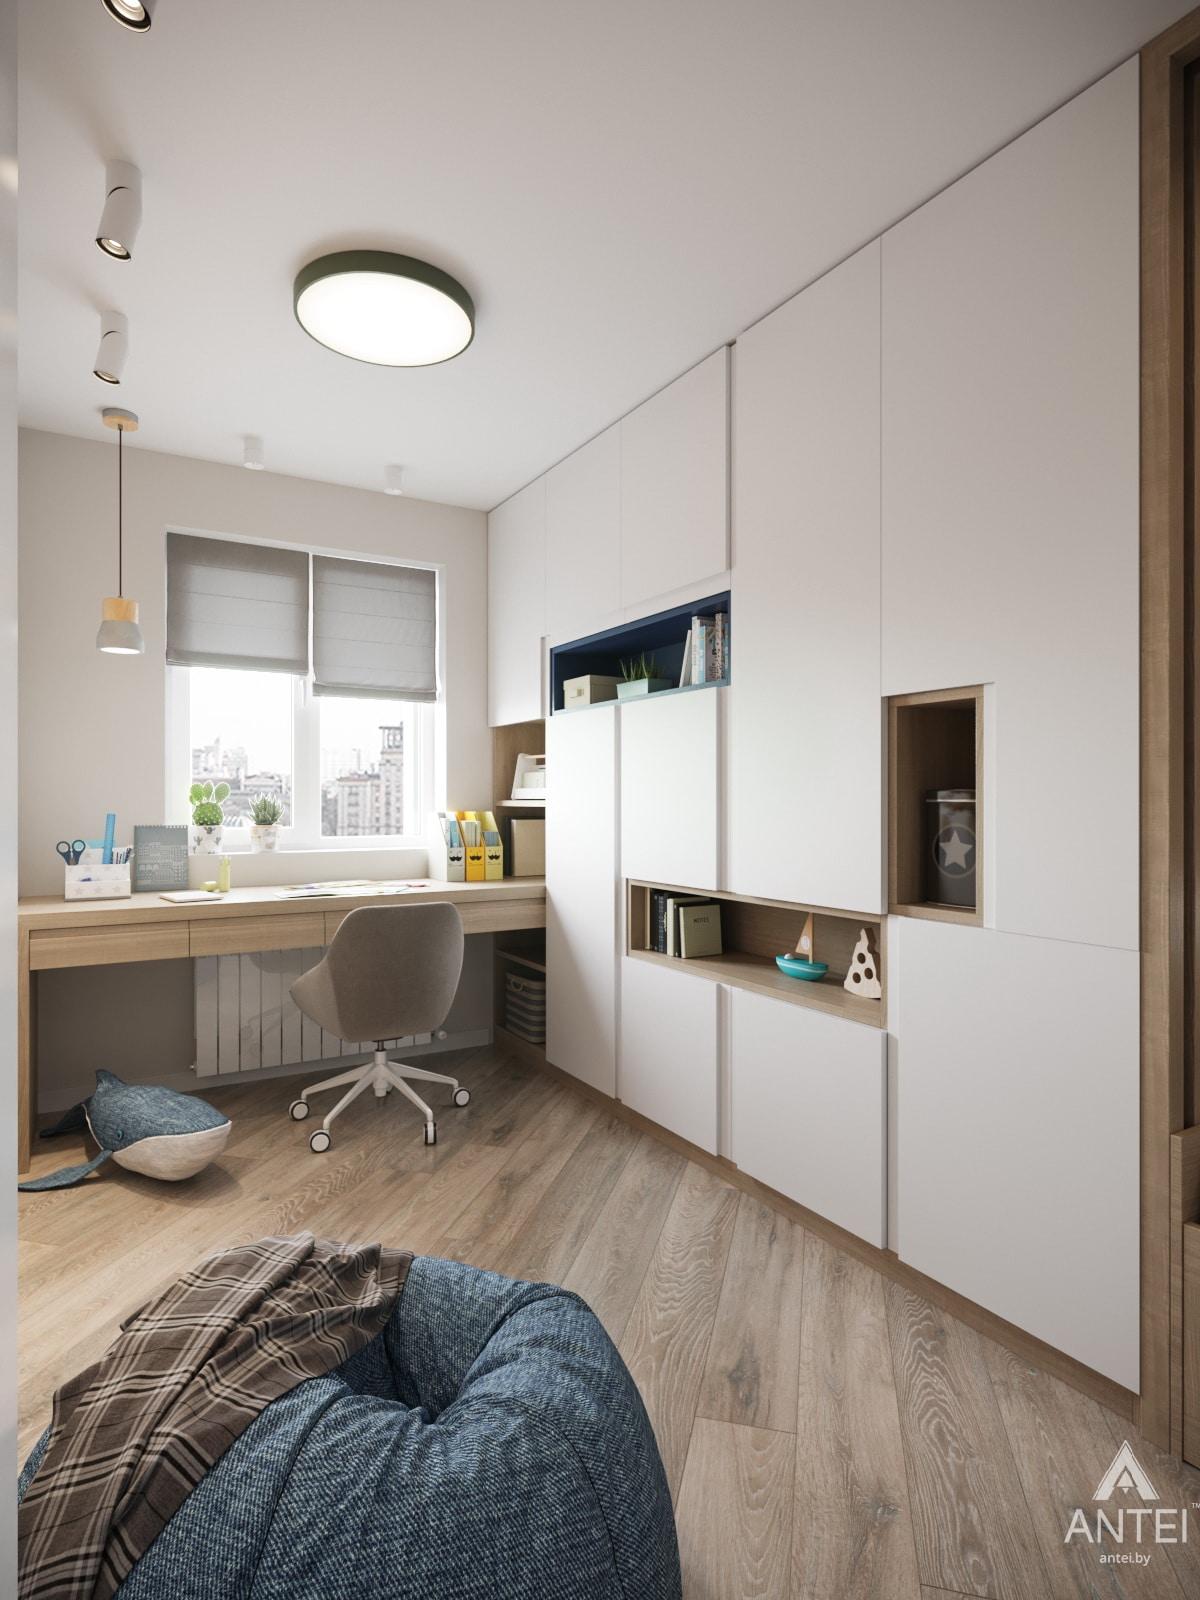 Дизайн интерьера трехкомнатной квартиры в Гомеле, ул. Бородина Т.С. - детская комната фото №1